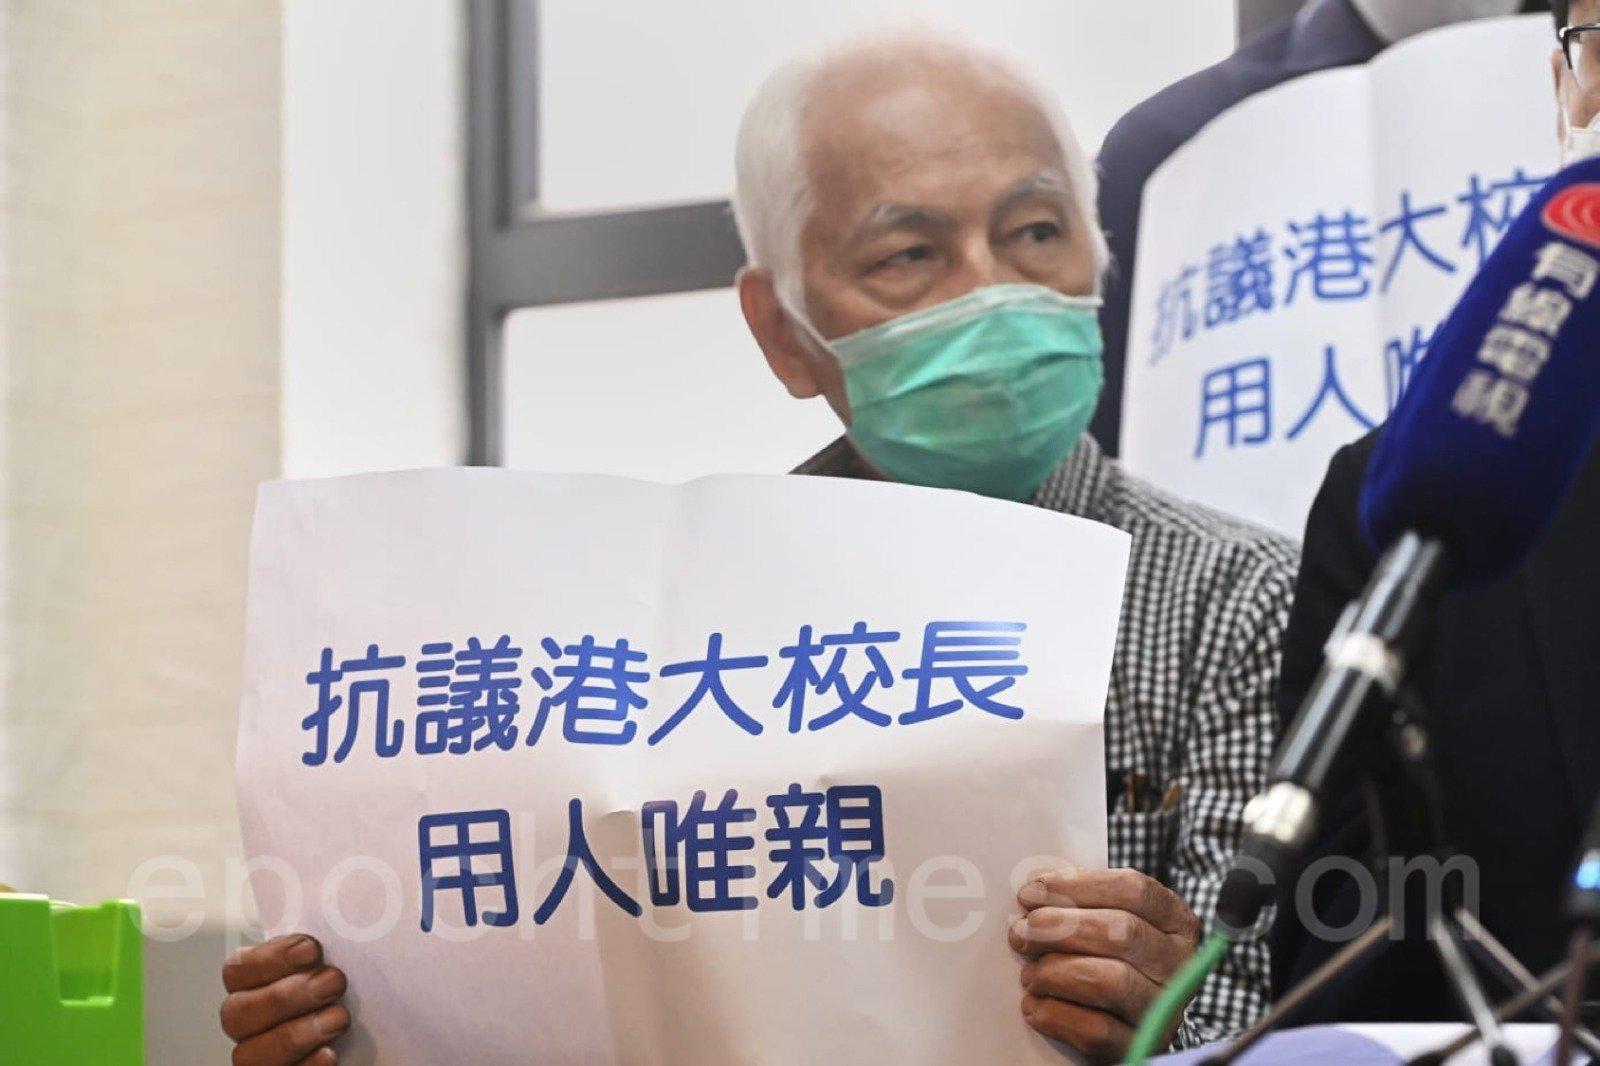 團體出席記者會,抗議港大校長用人唯親。(宋碧龍/大紀元)